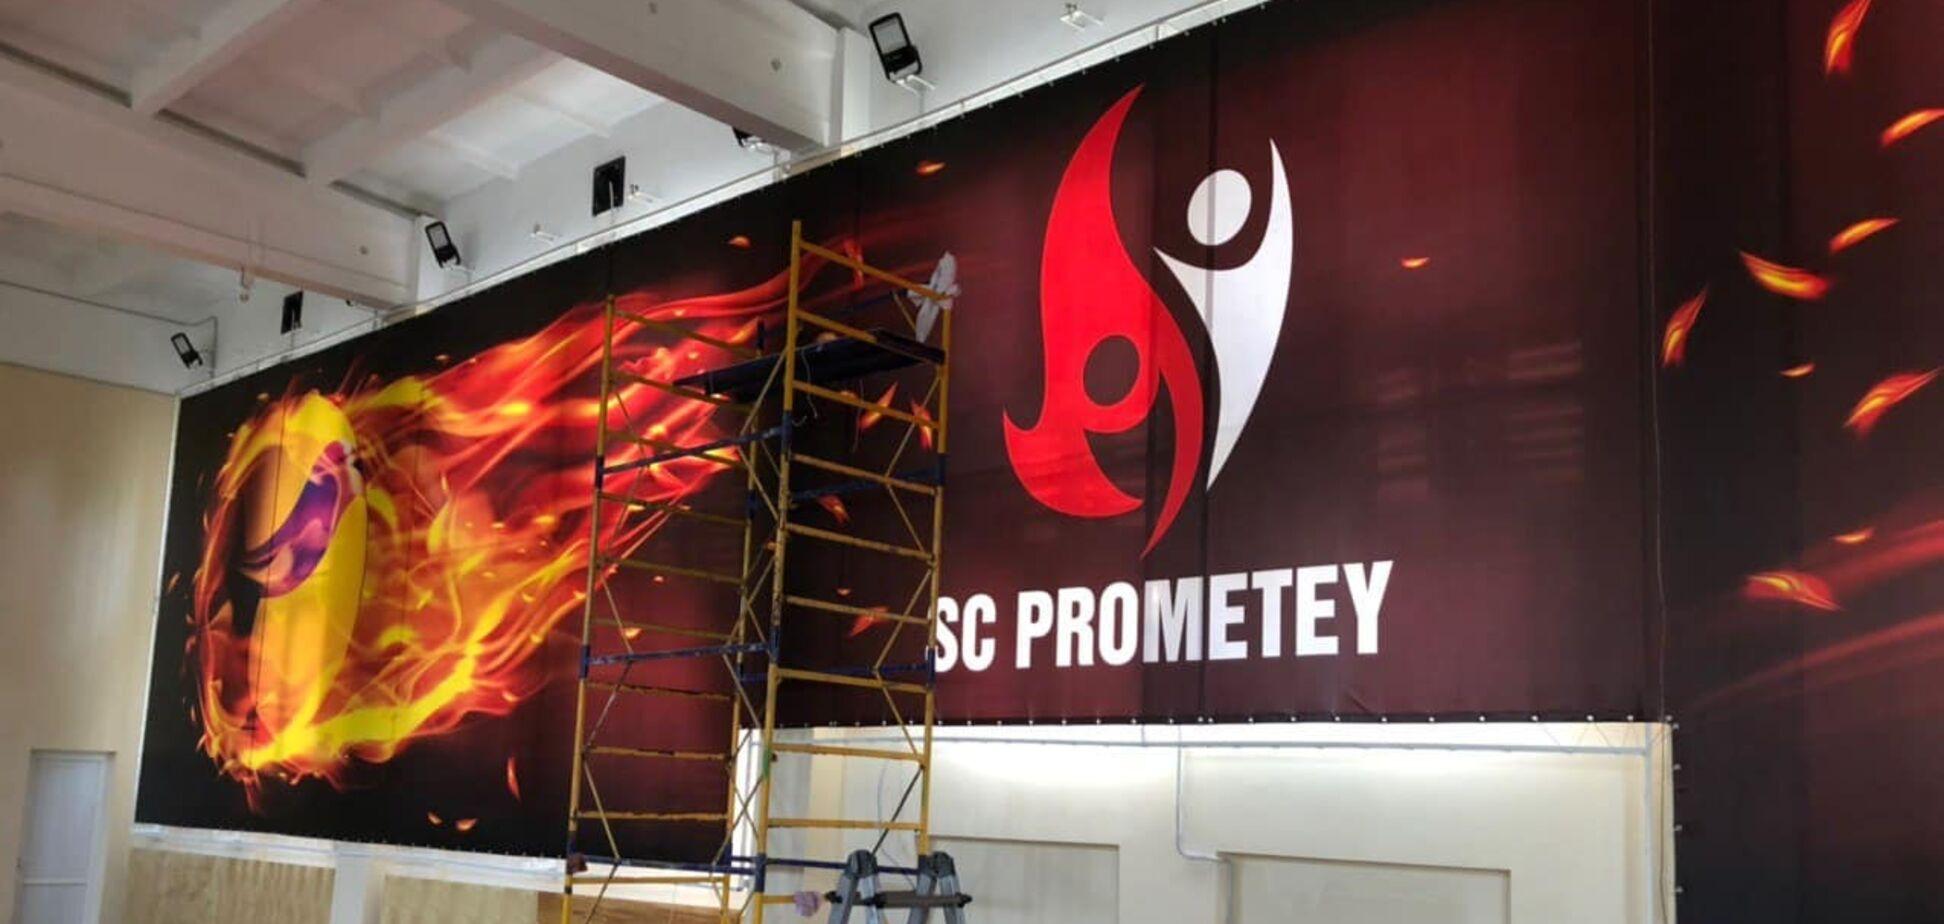 В Каменском заканчивают ремонт волейбольного зала Академии 'Прометей'. Первые фото